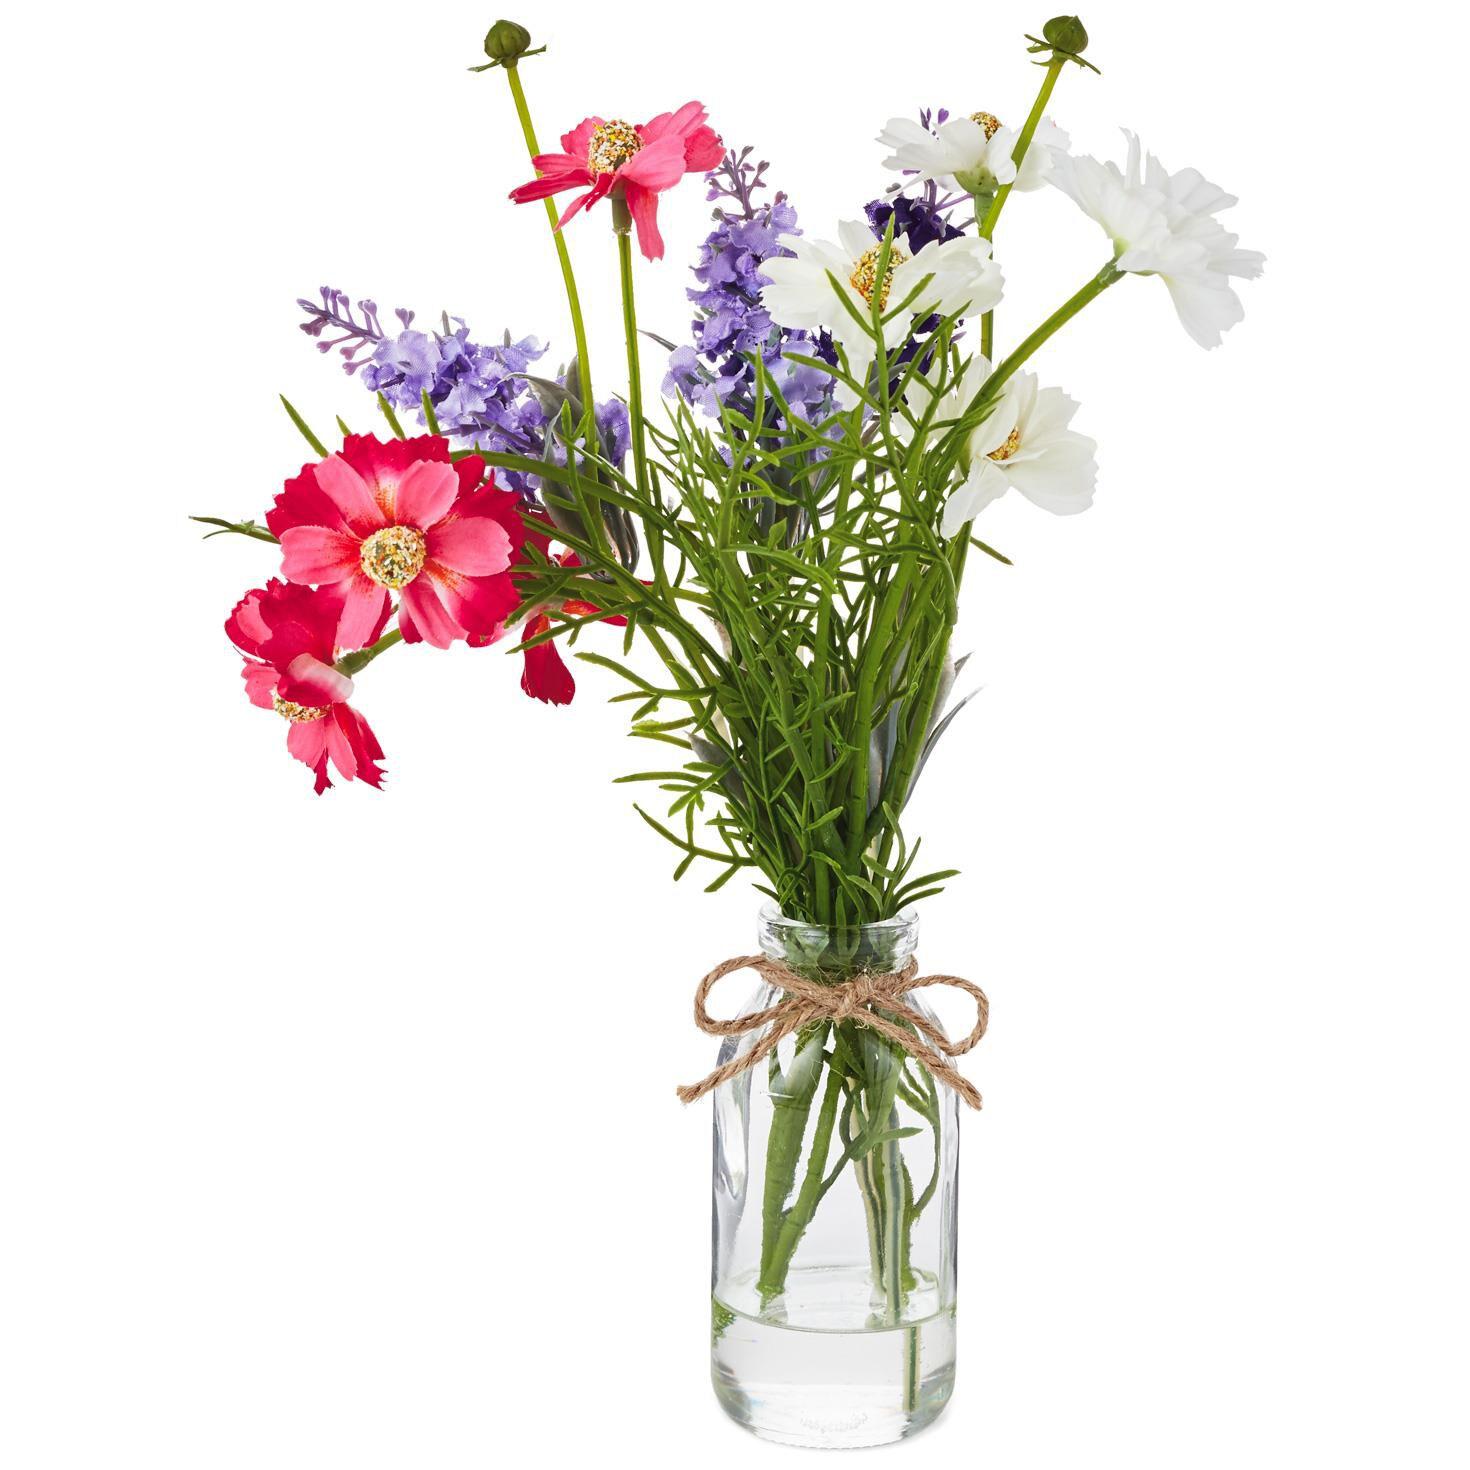 Silk flower arrangement in glass vase 11 decorative silk flower arrangement in glass vase 11 decorative accessories hallmark reviewsmspy